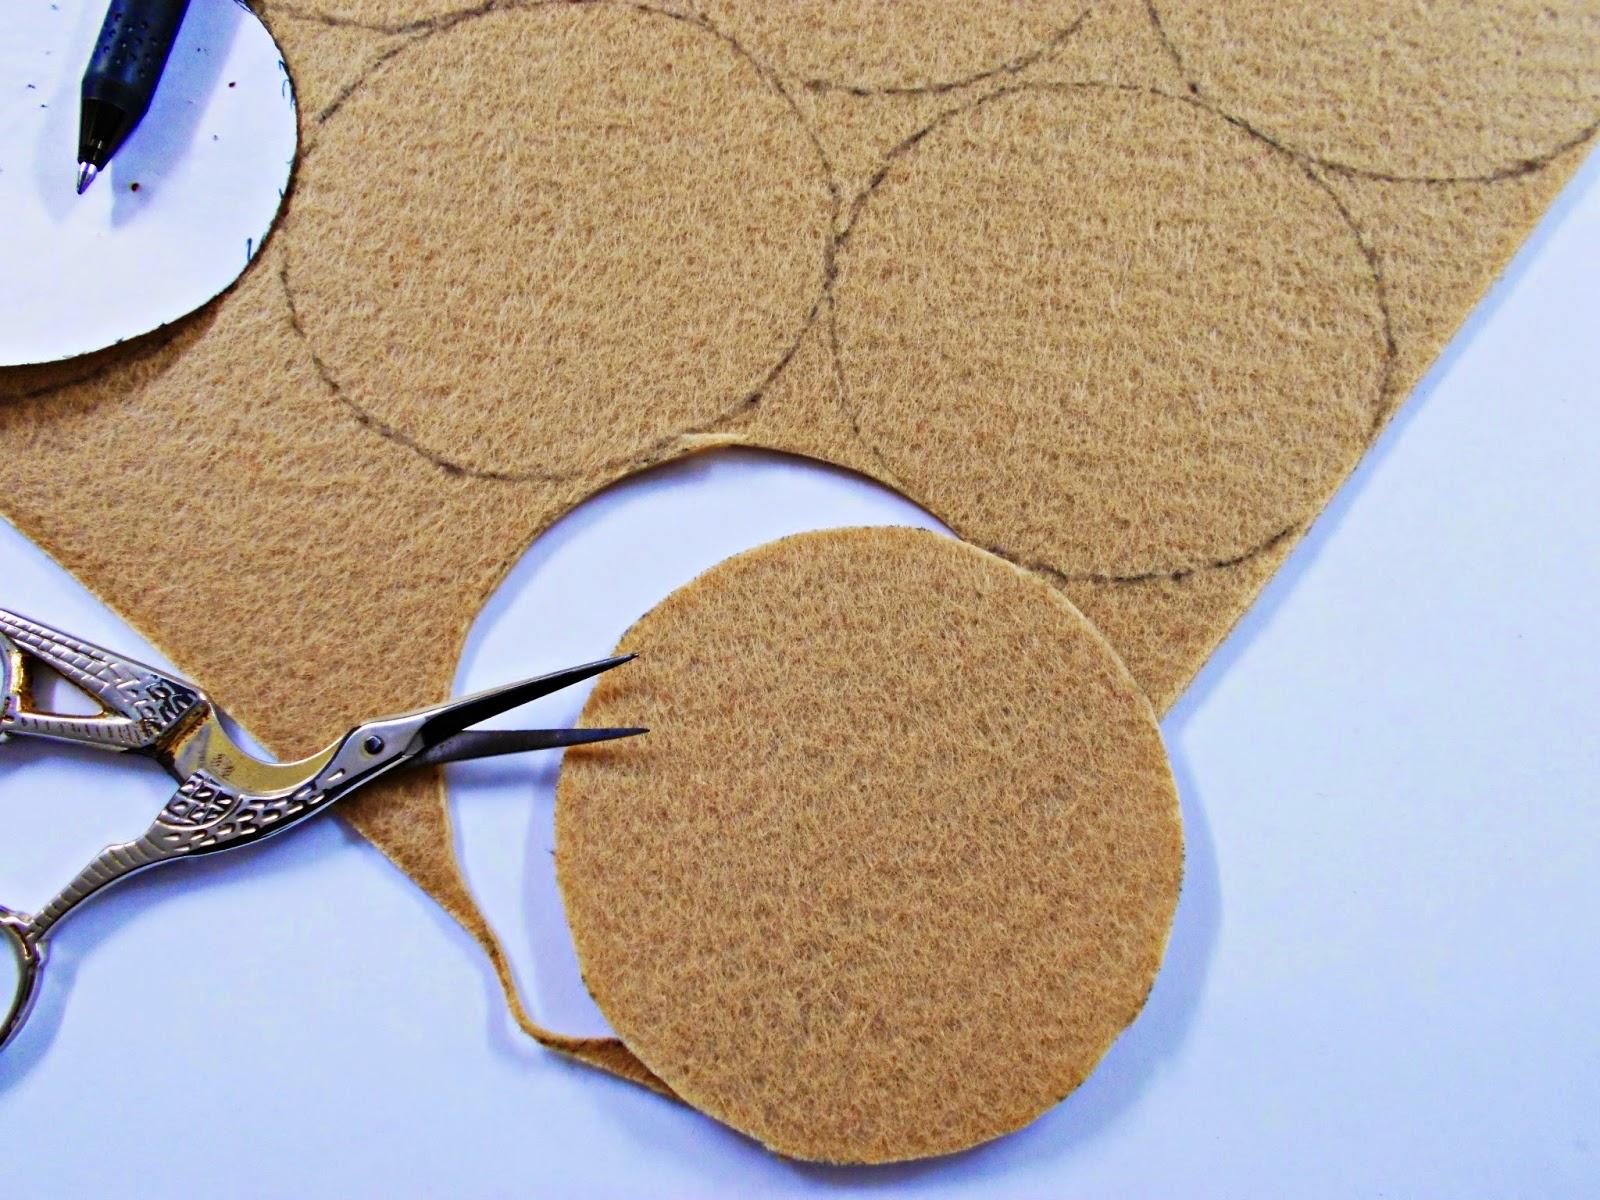 #BLOGERSANDO-diy-propósitos 2015-propósitos año nuevo-galletas de la fortuna-fieltro-papiroflexia-japonés-galletas de la suerte-deseos-4